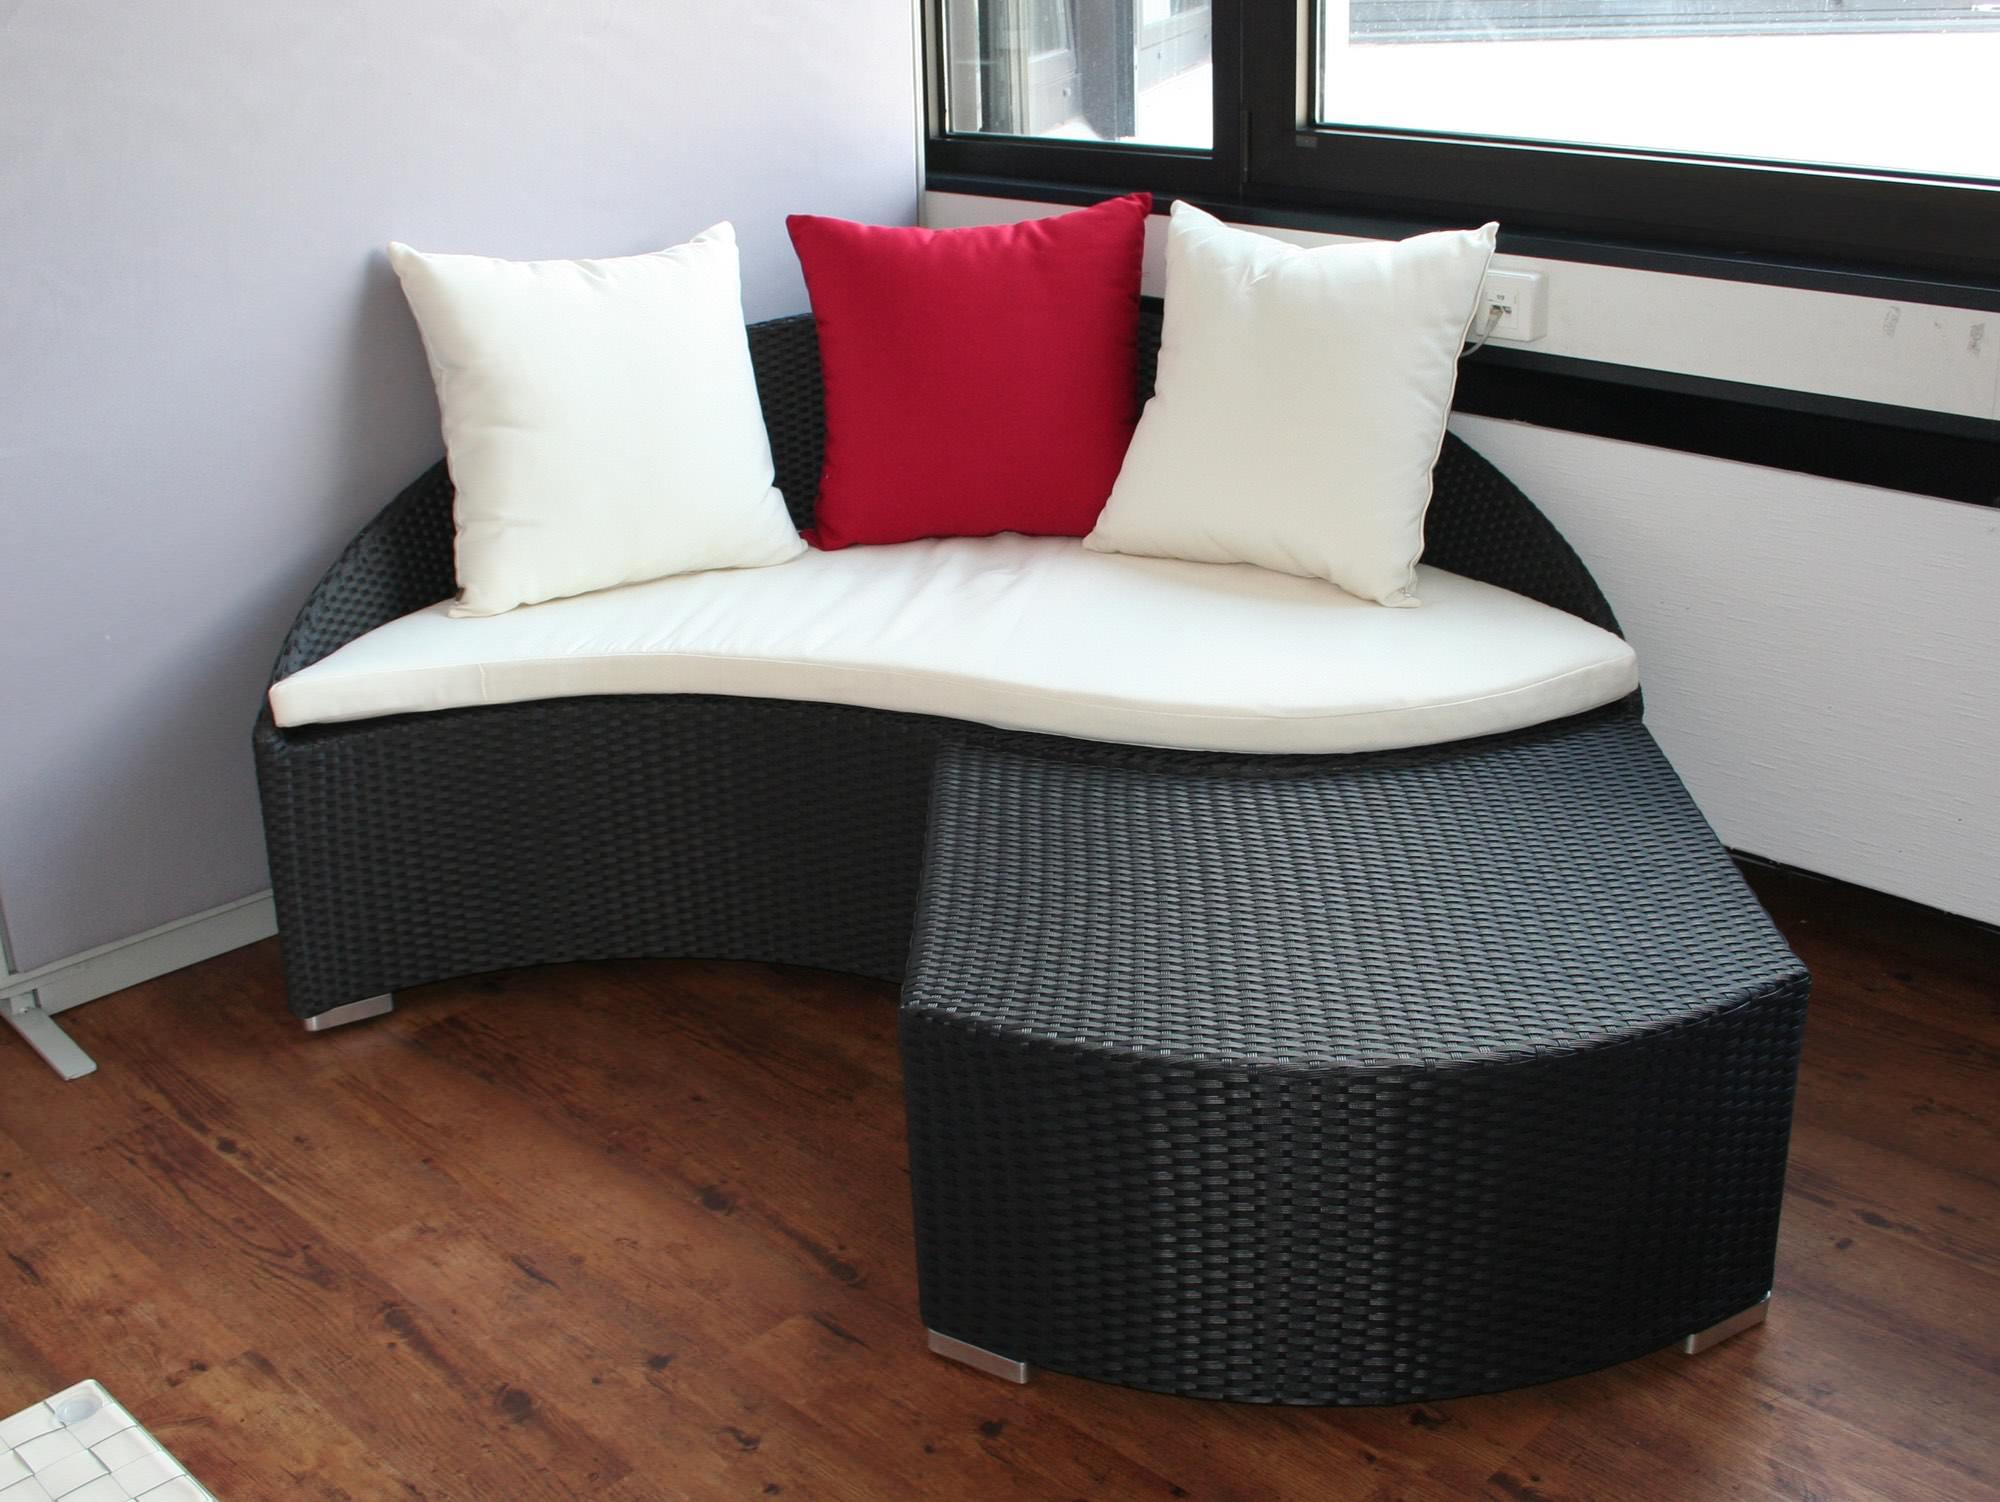 ausstellungen in deutschland megastore in bad hersfeld hessen und beratung in braunschweig. Black Bedroom Furniture Sets. Home Design Ideas